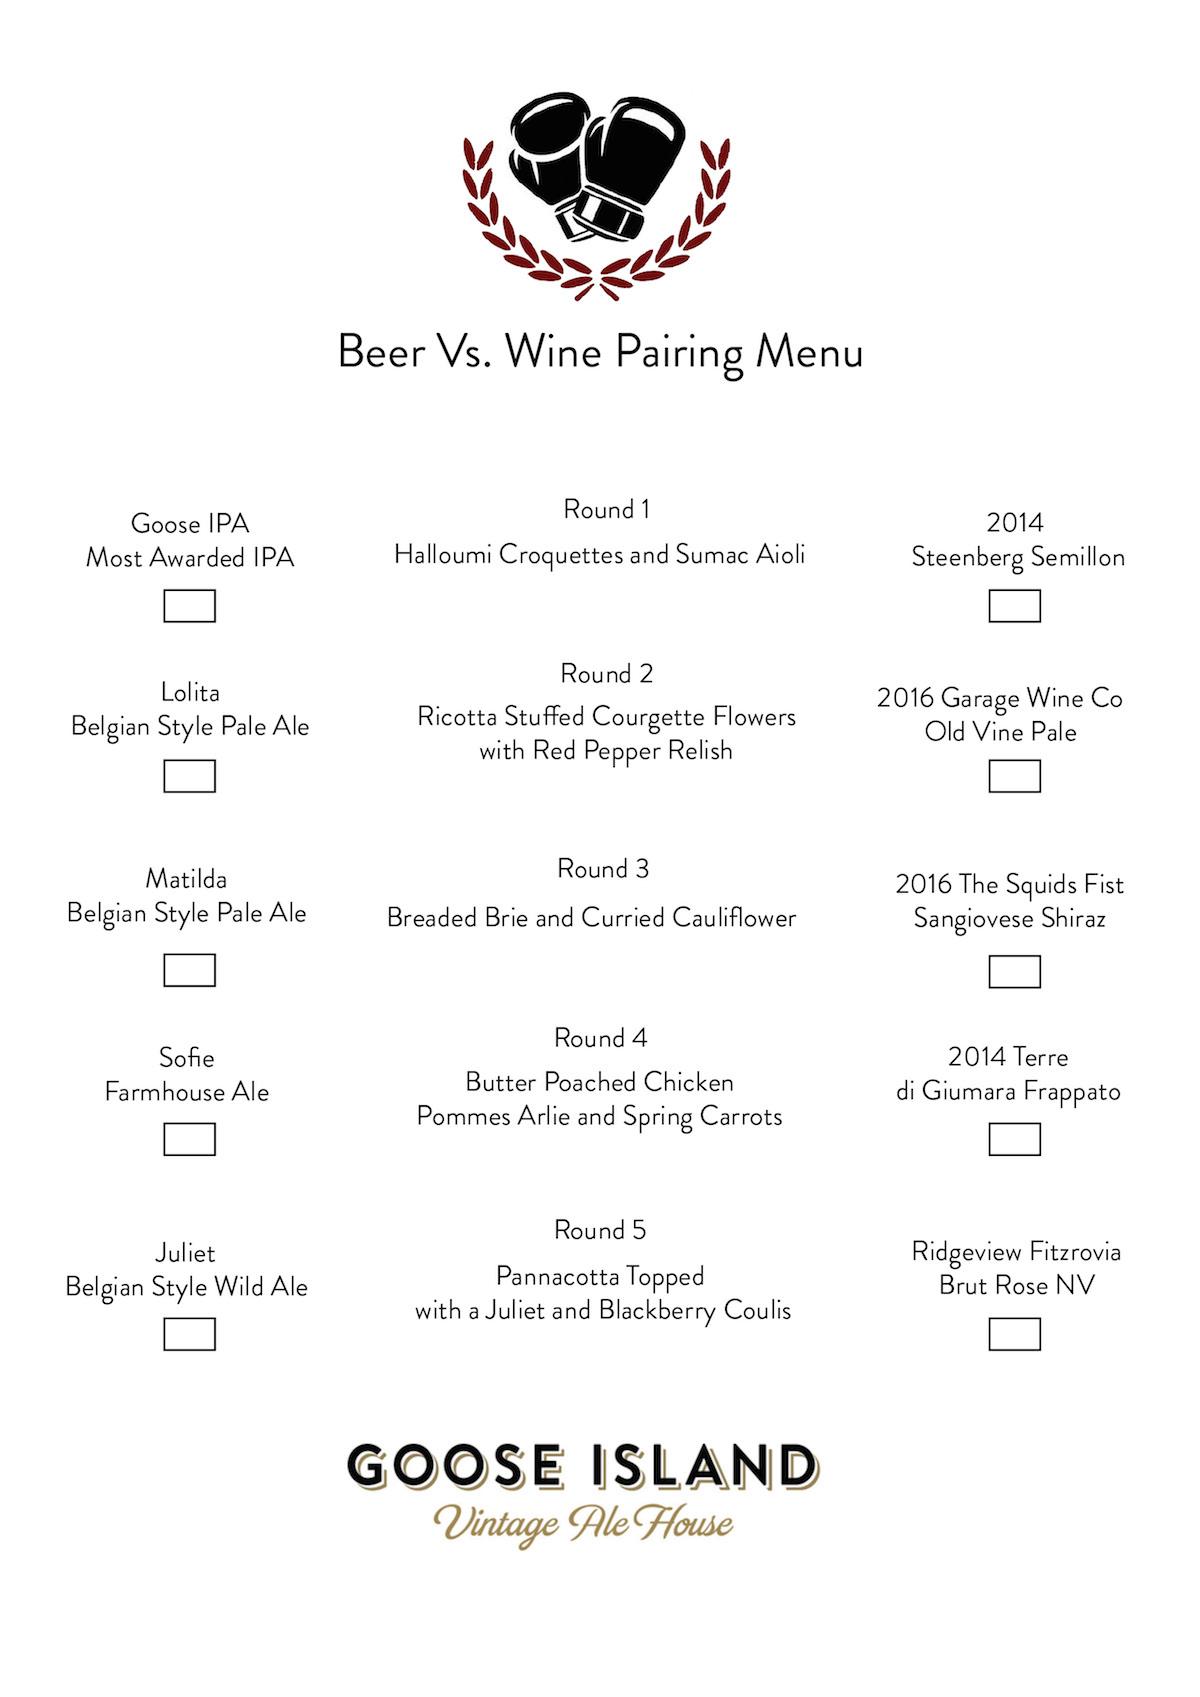 beer vs wine menu